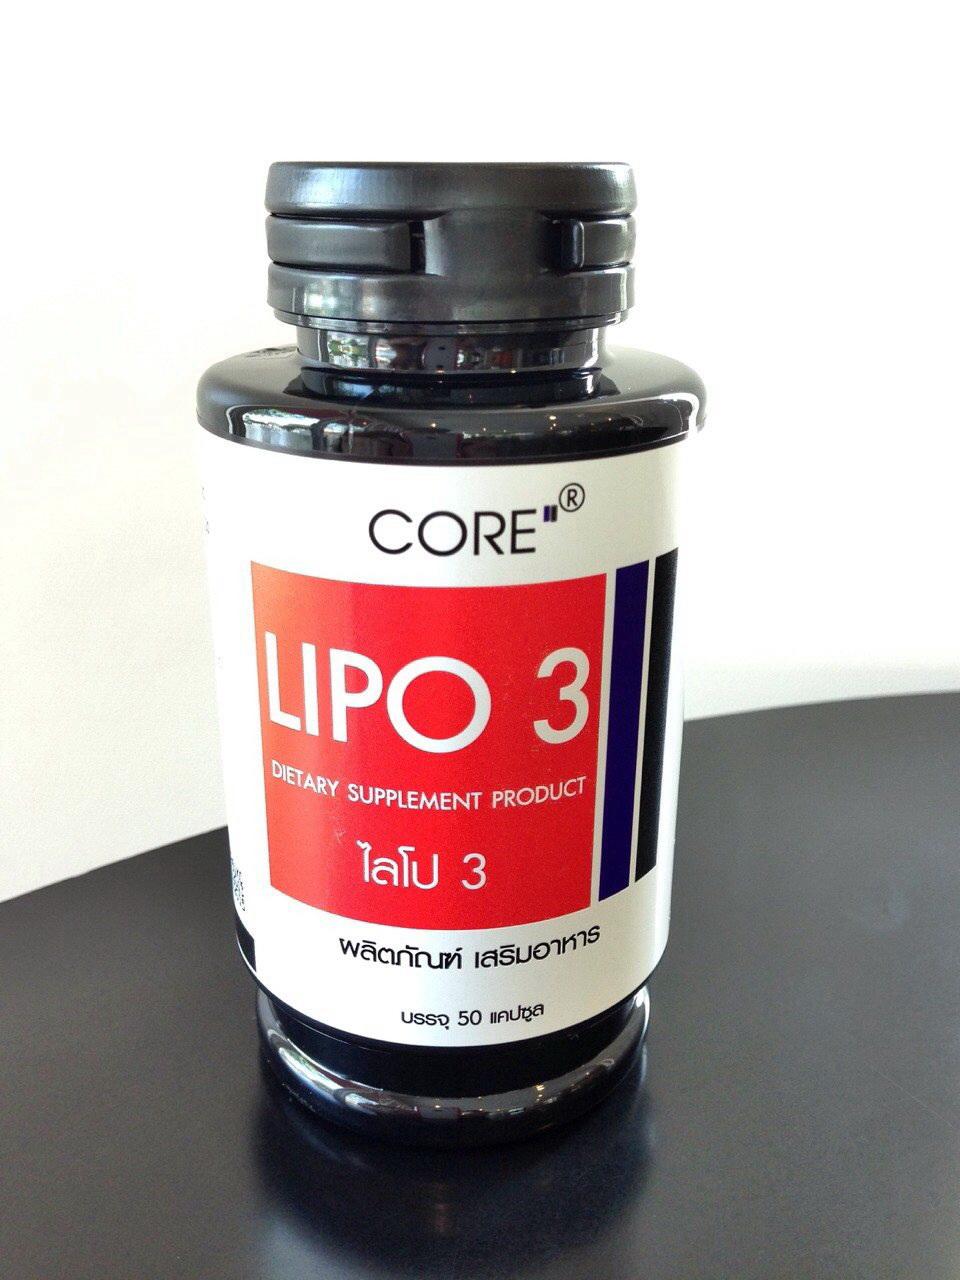 Core Lipo3 ไลโป3 คอร์ อาหารเสริมควบคุมน้ำหนัก